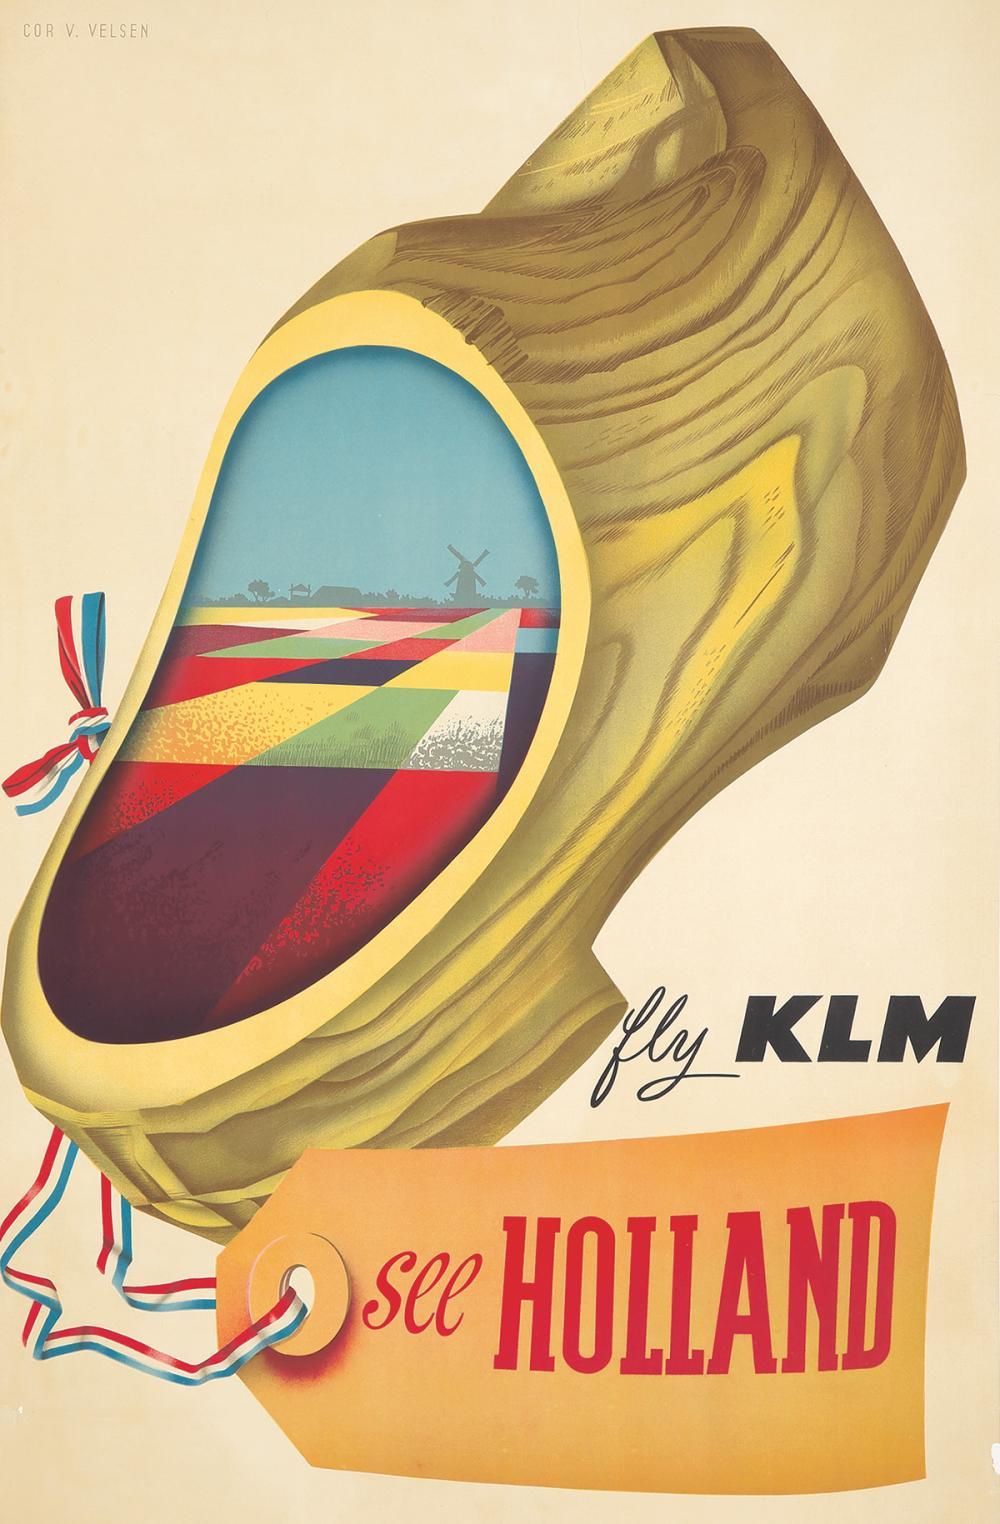 KLM / Holland. ca. 1950s.